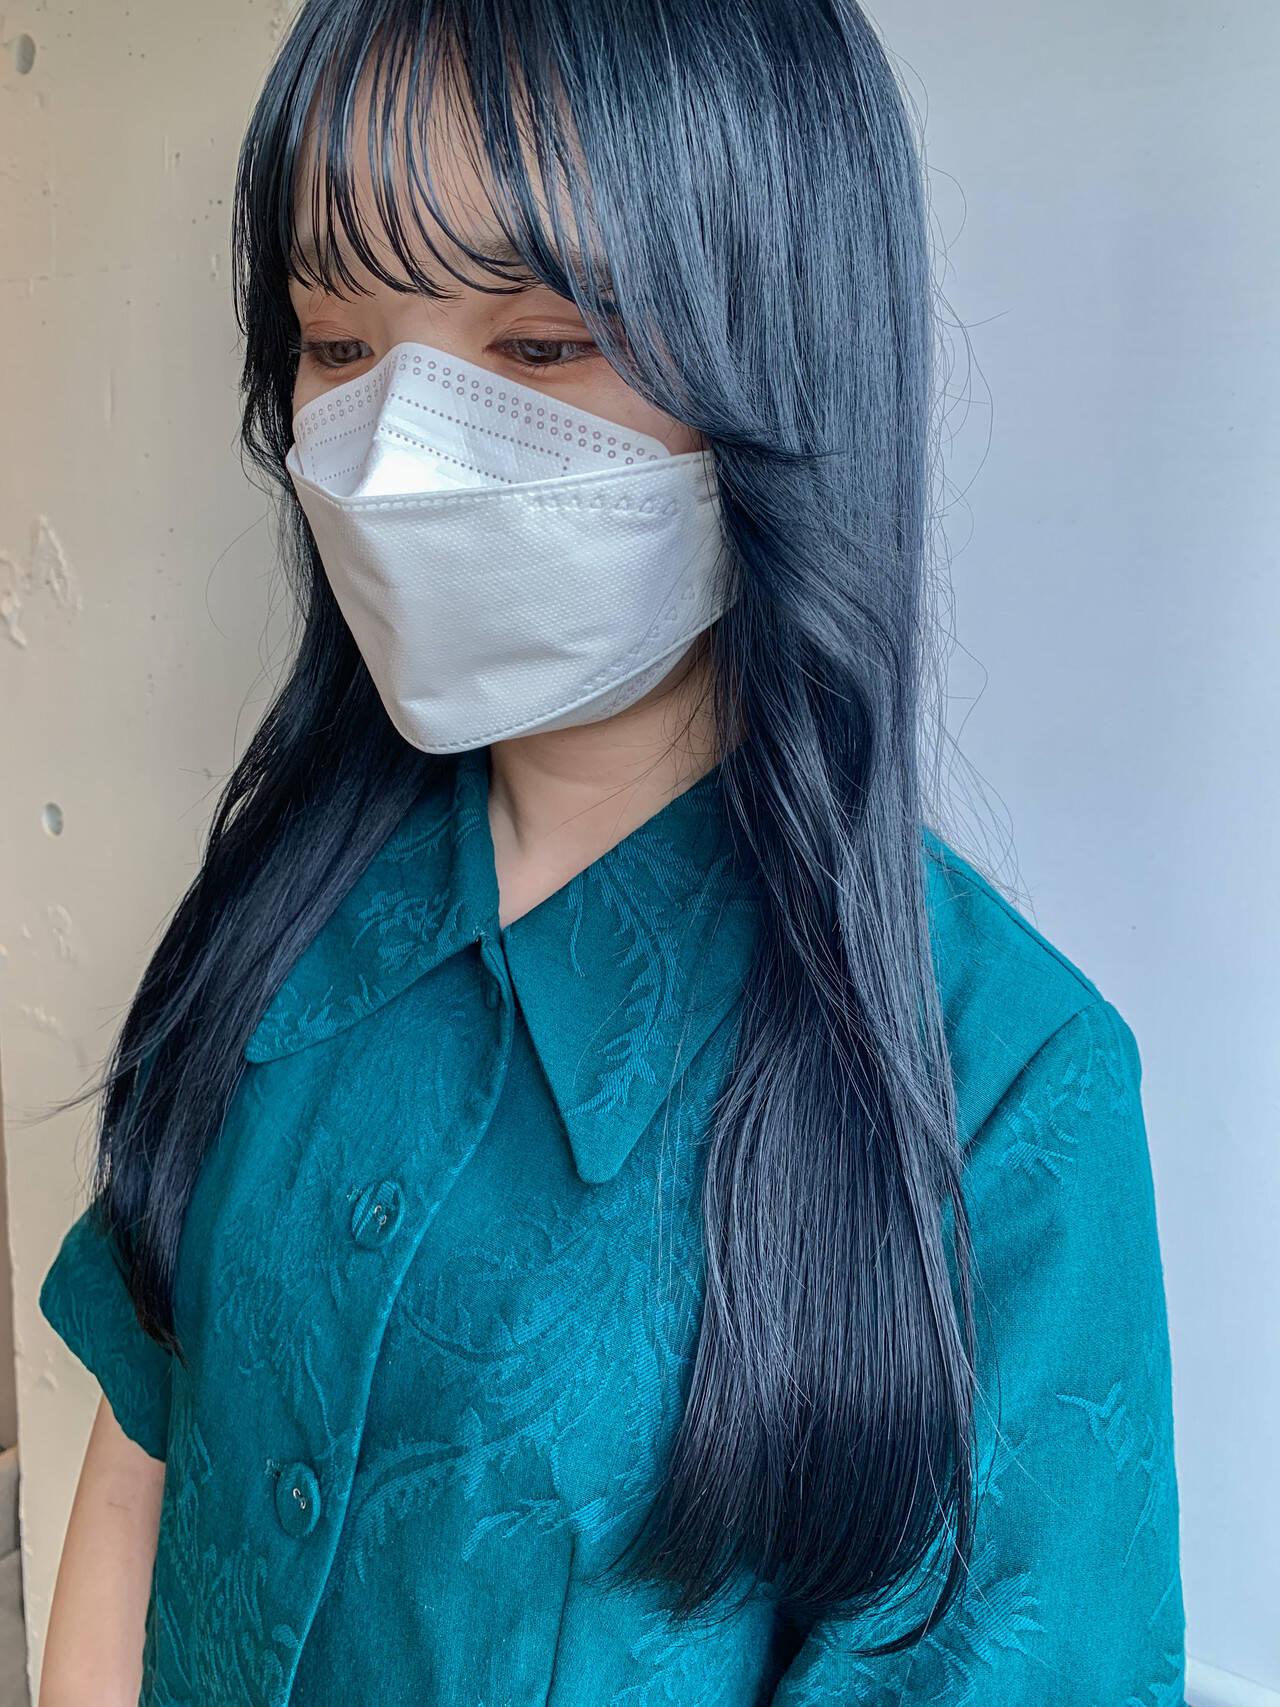 ナチュラル ロング ブルー ブルーブラックヘアスタイルや髪型の写真・画像